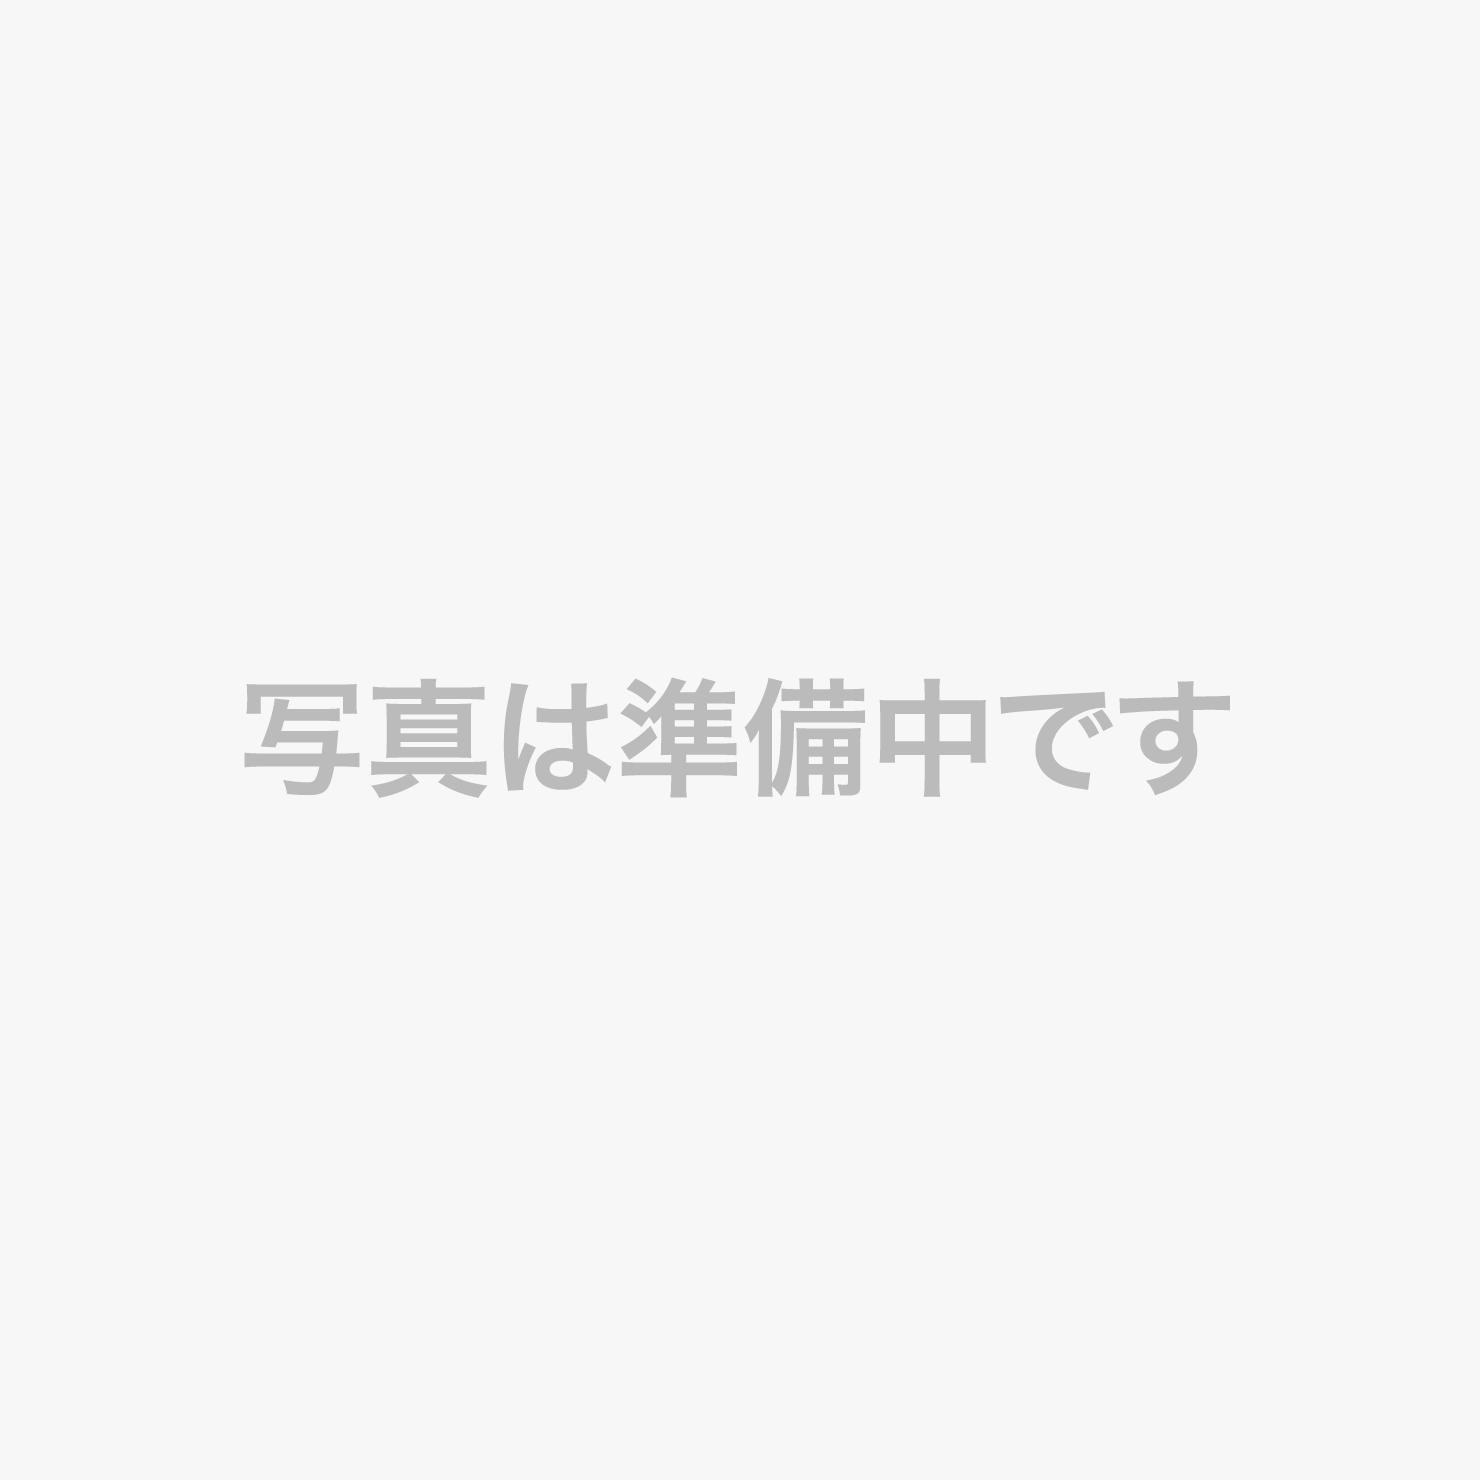 19階『花』フロア(イメージ)